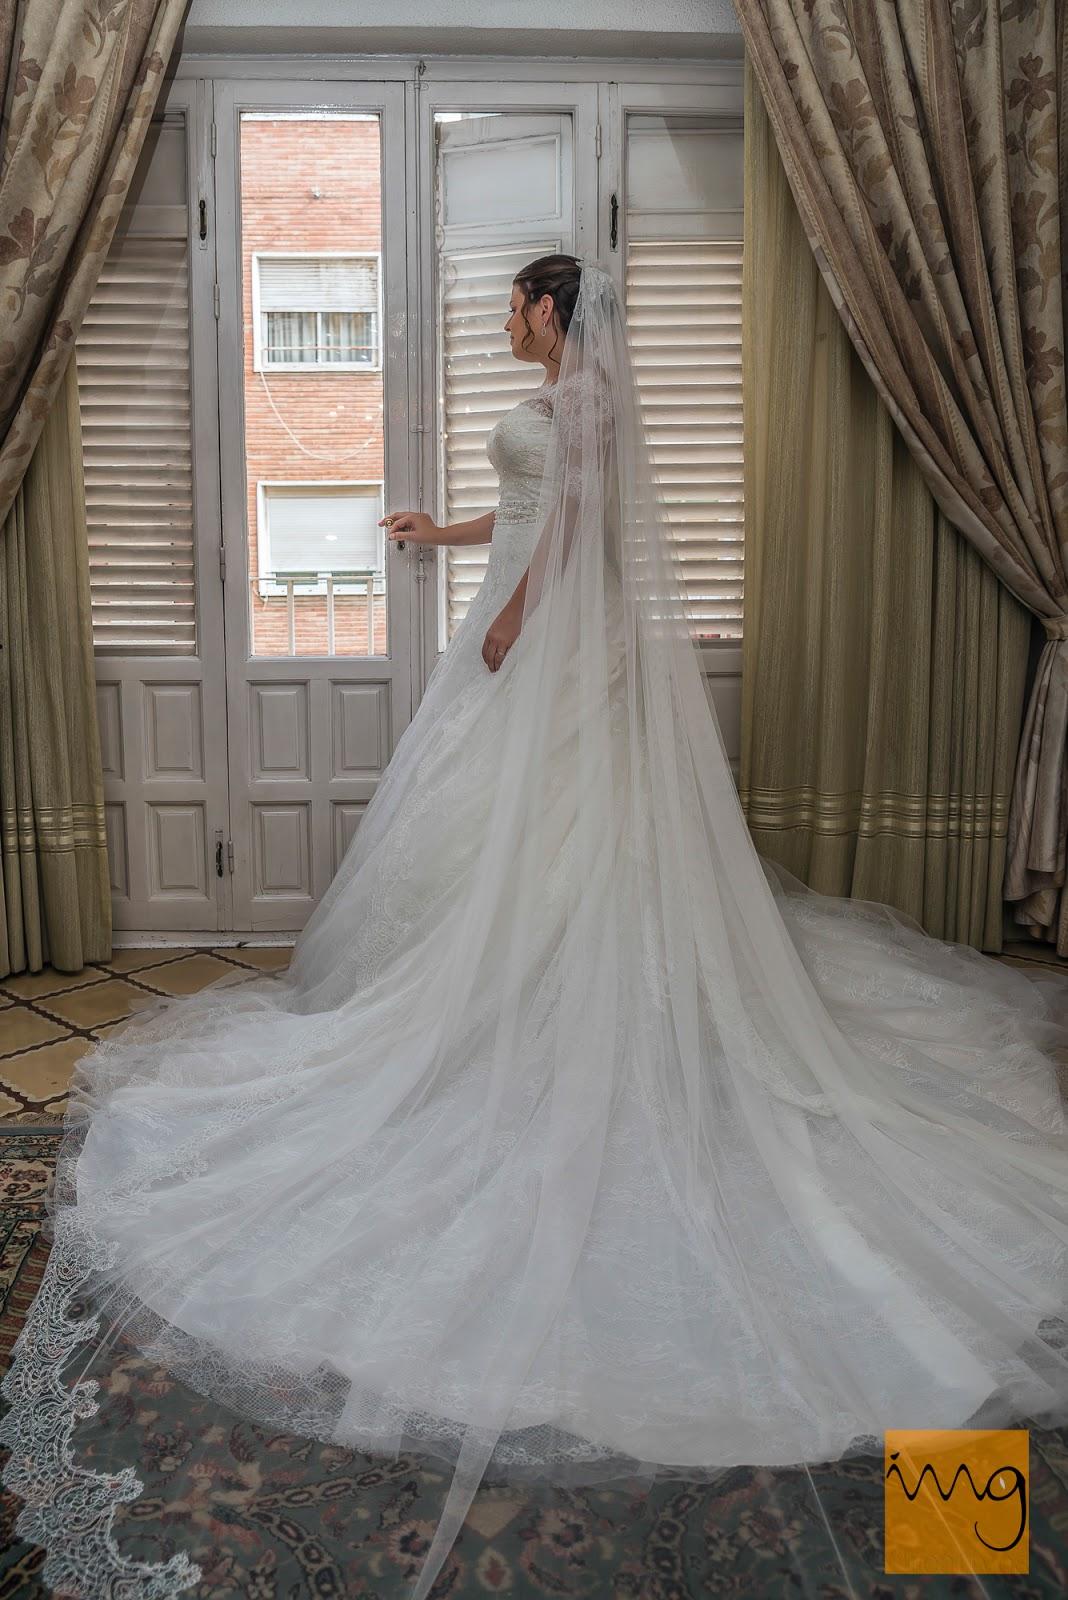 Fotografía de boda junto a la ventana